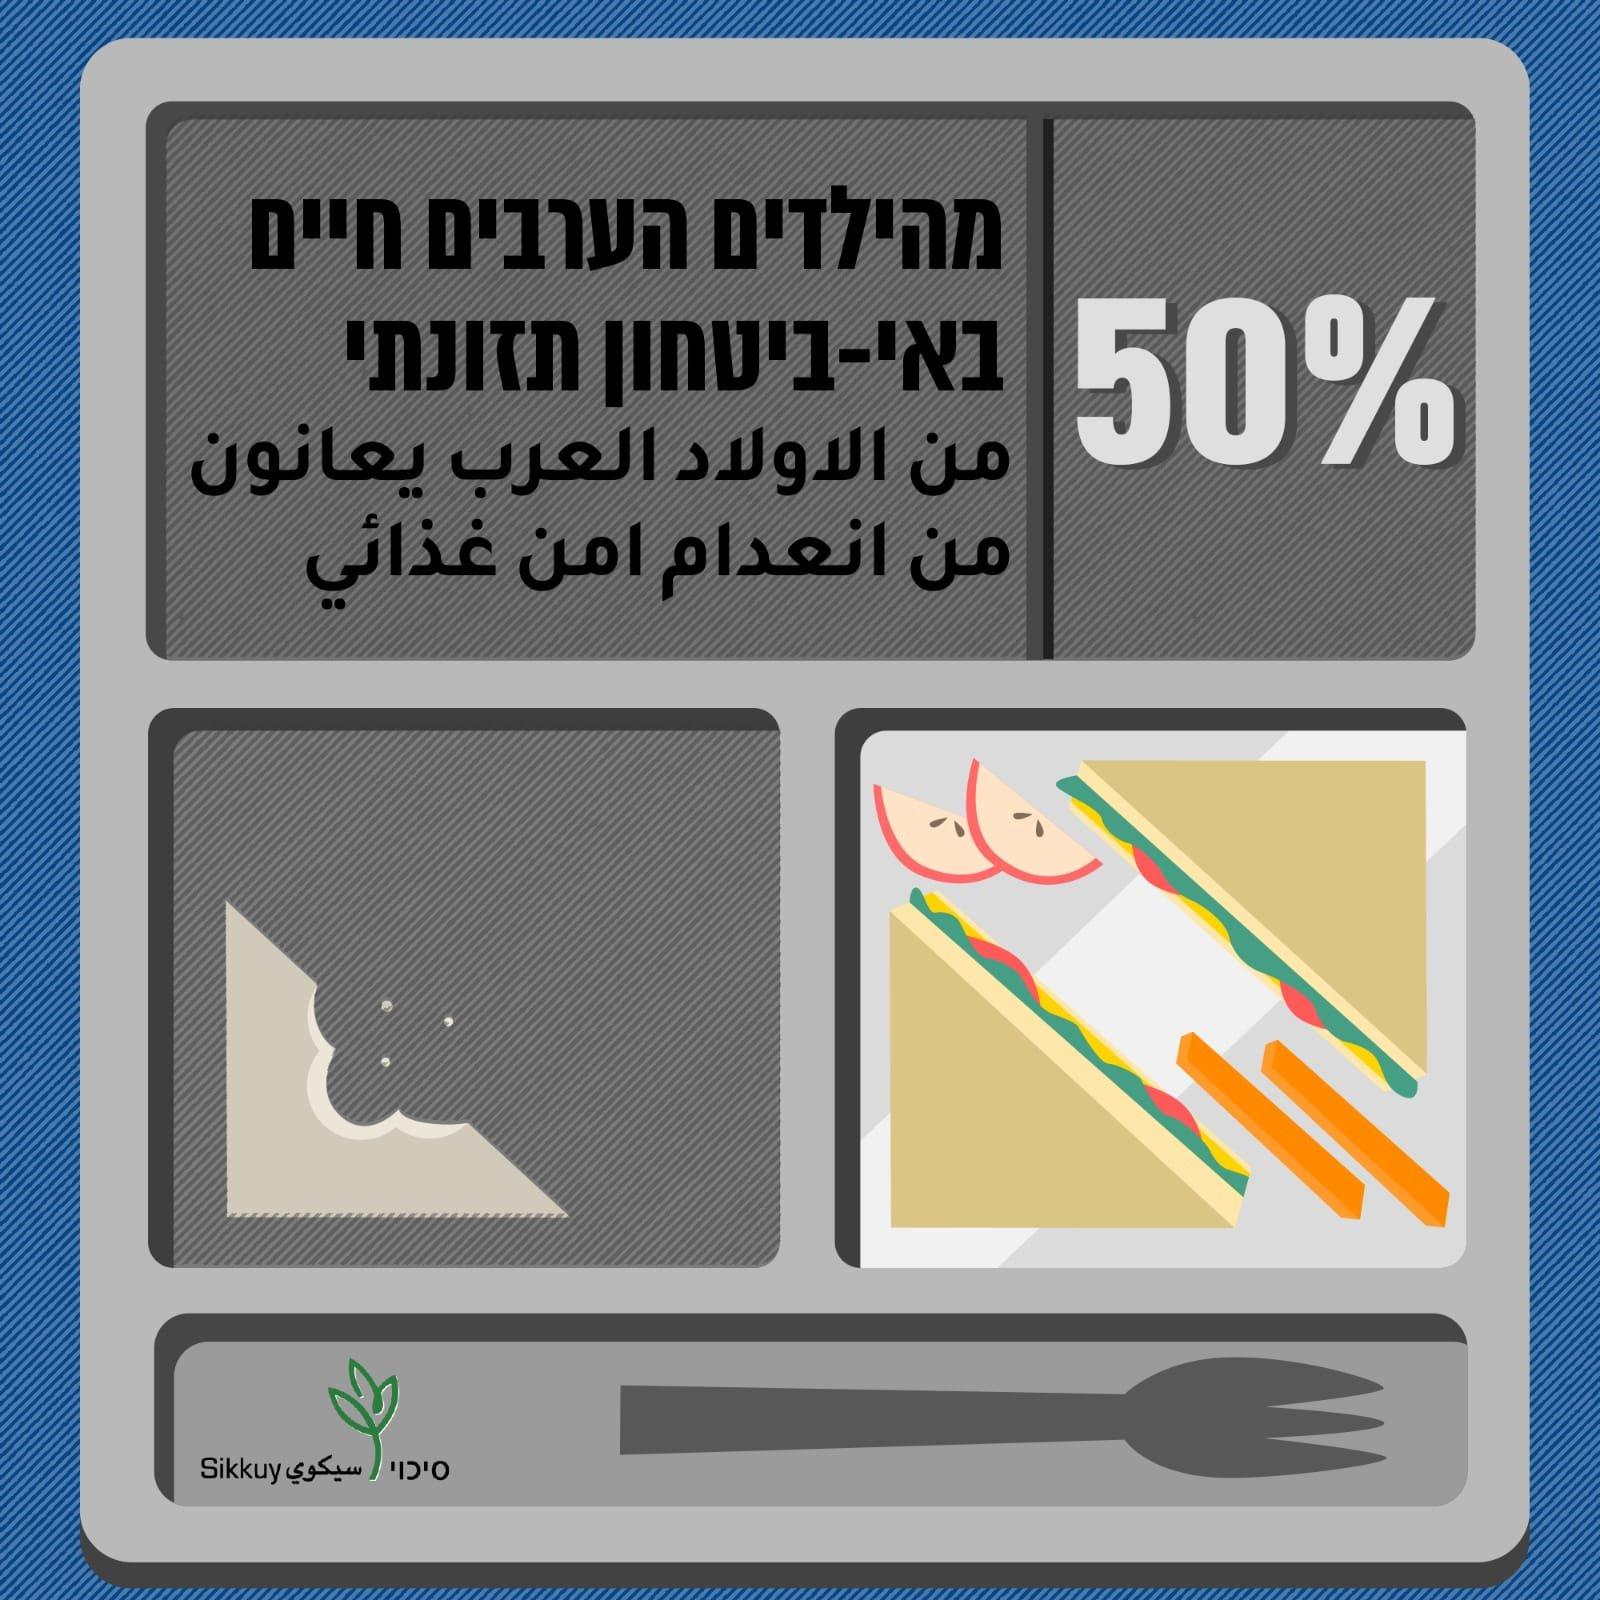 نصف الأطفال العرب وأكثر من 40% من العائلات العربية في البلاد، يعانون من انعدام أمن غذائي!-0